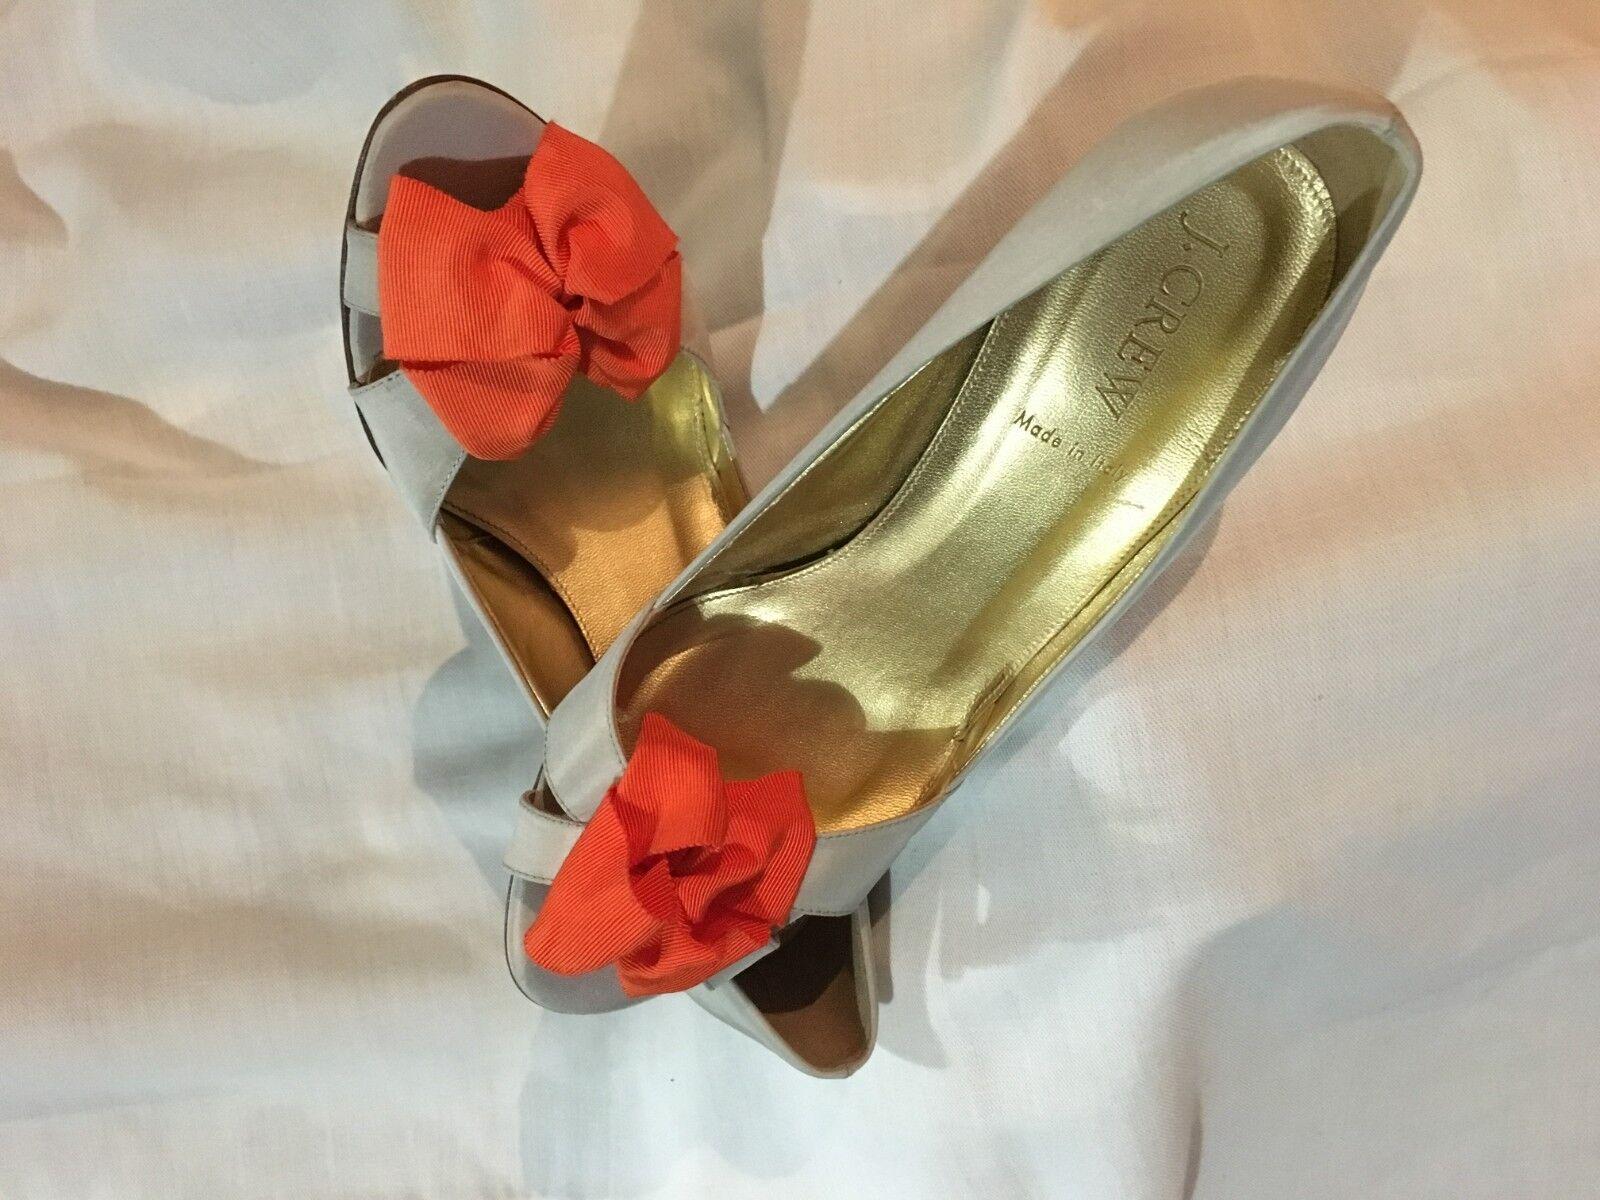 J.Crew Peep Toe Satin Orange Bow Size 8.5 Shoe 12057 Donna Made in Italy Stylish